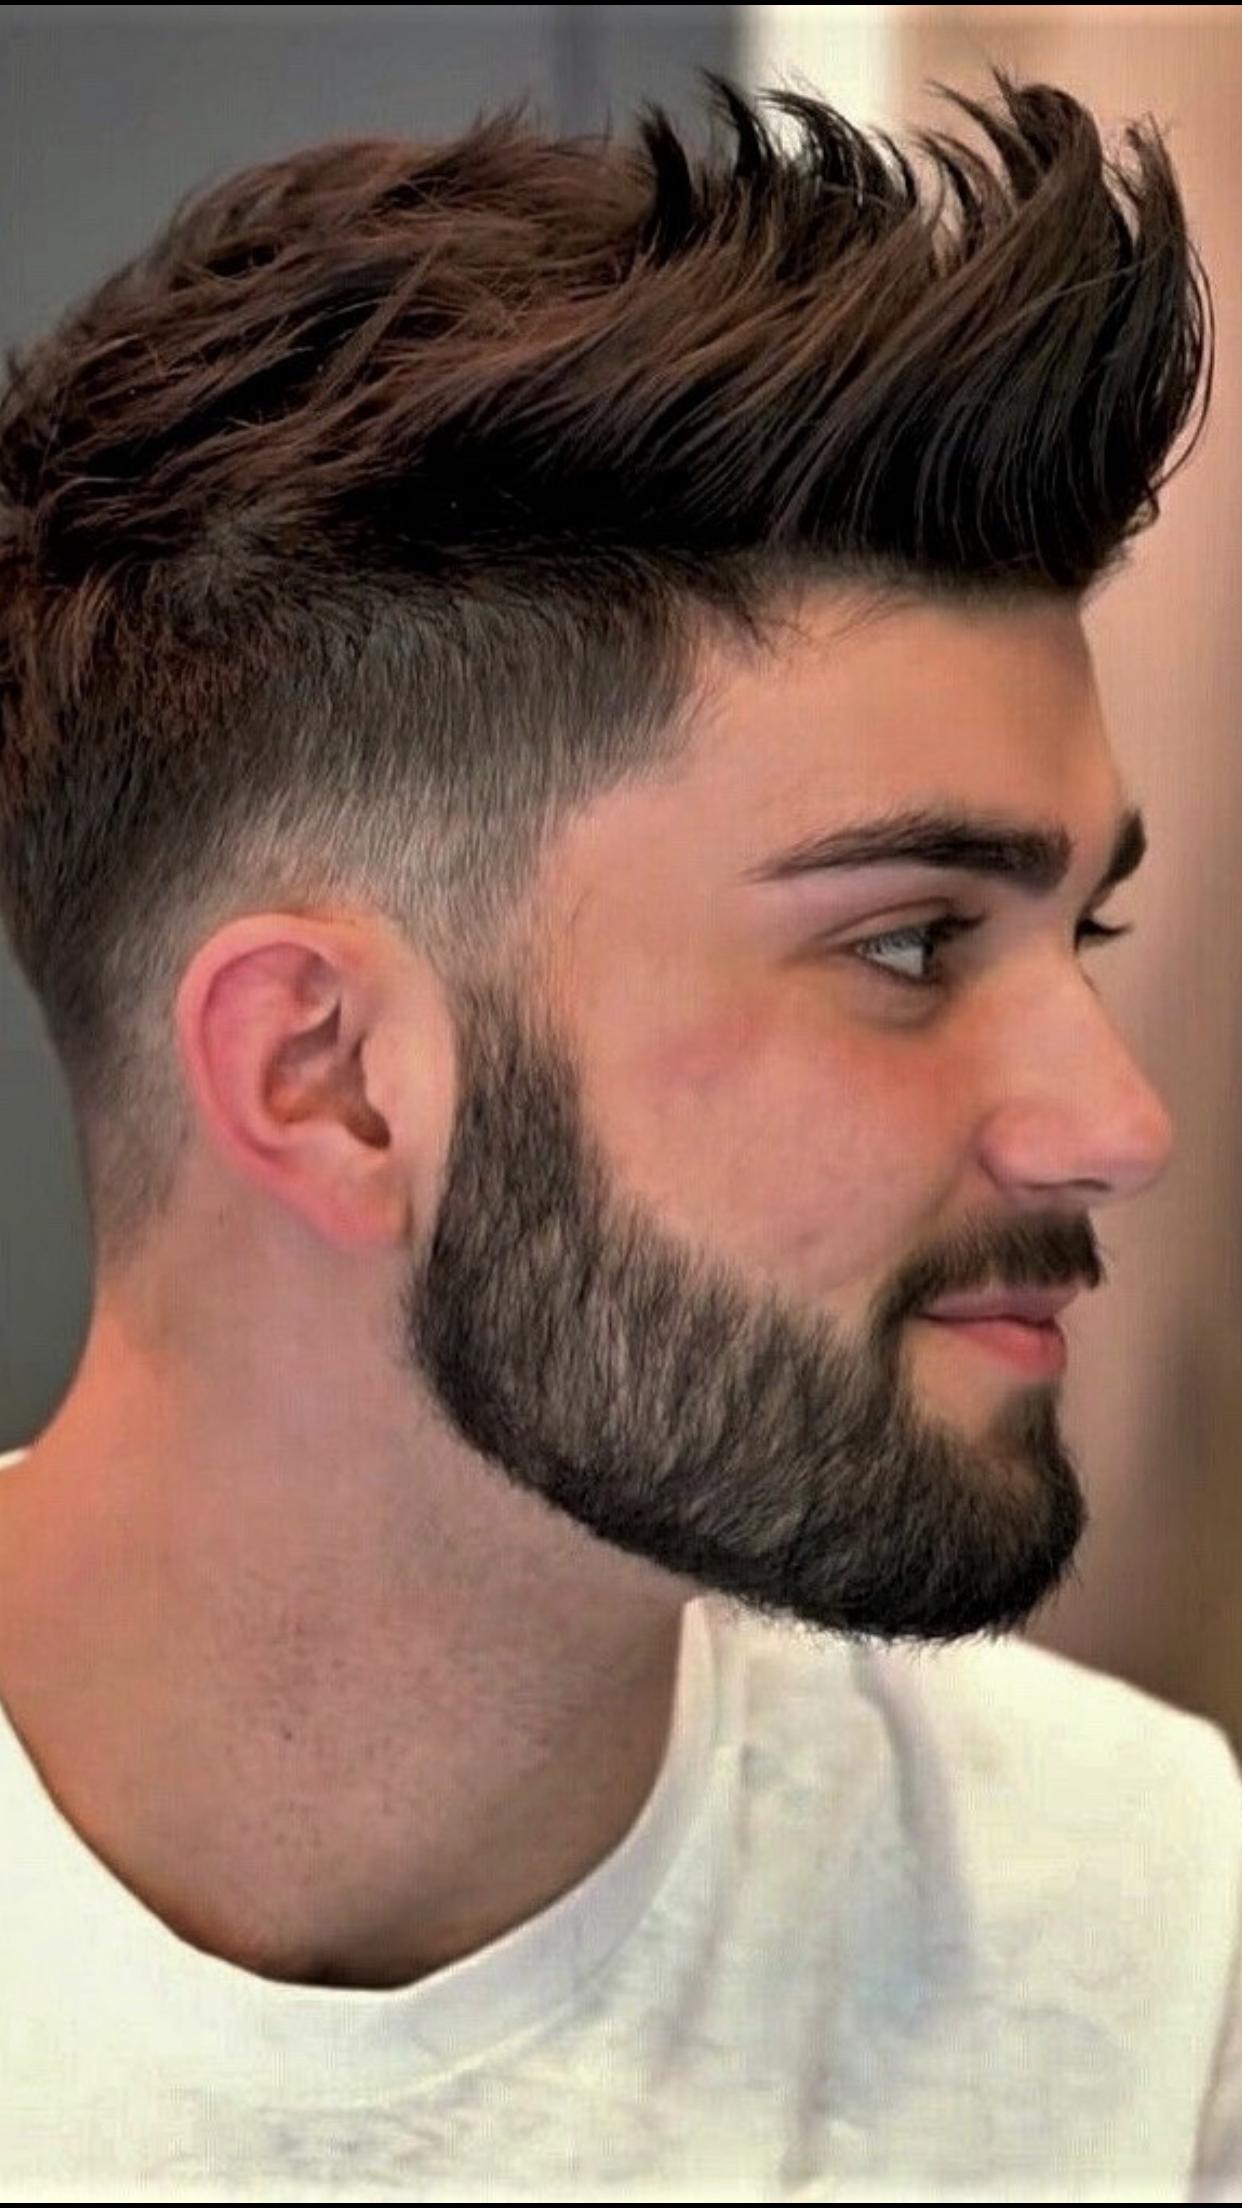 Pin By Aiman Ramlan On Beards Scruff Gents Hair Style Beard Styles Short Hair And Beard Styles